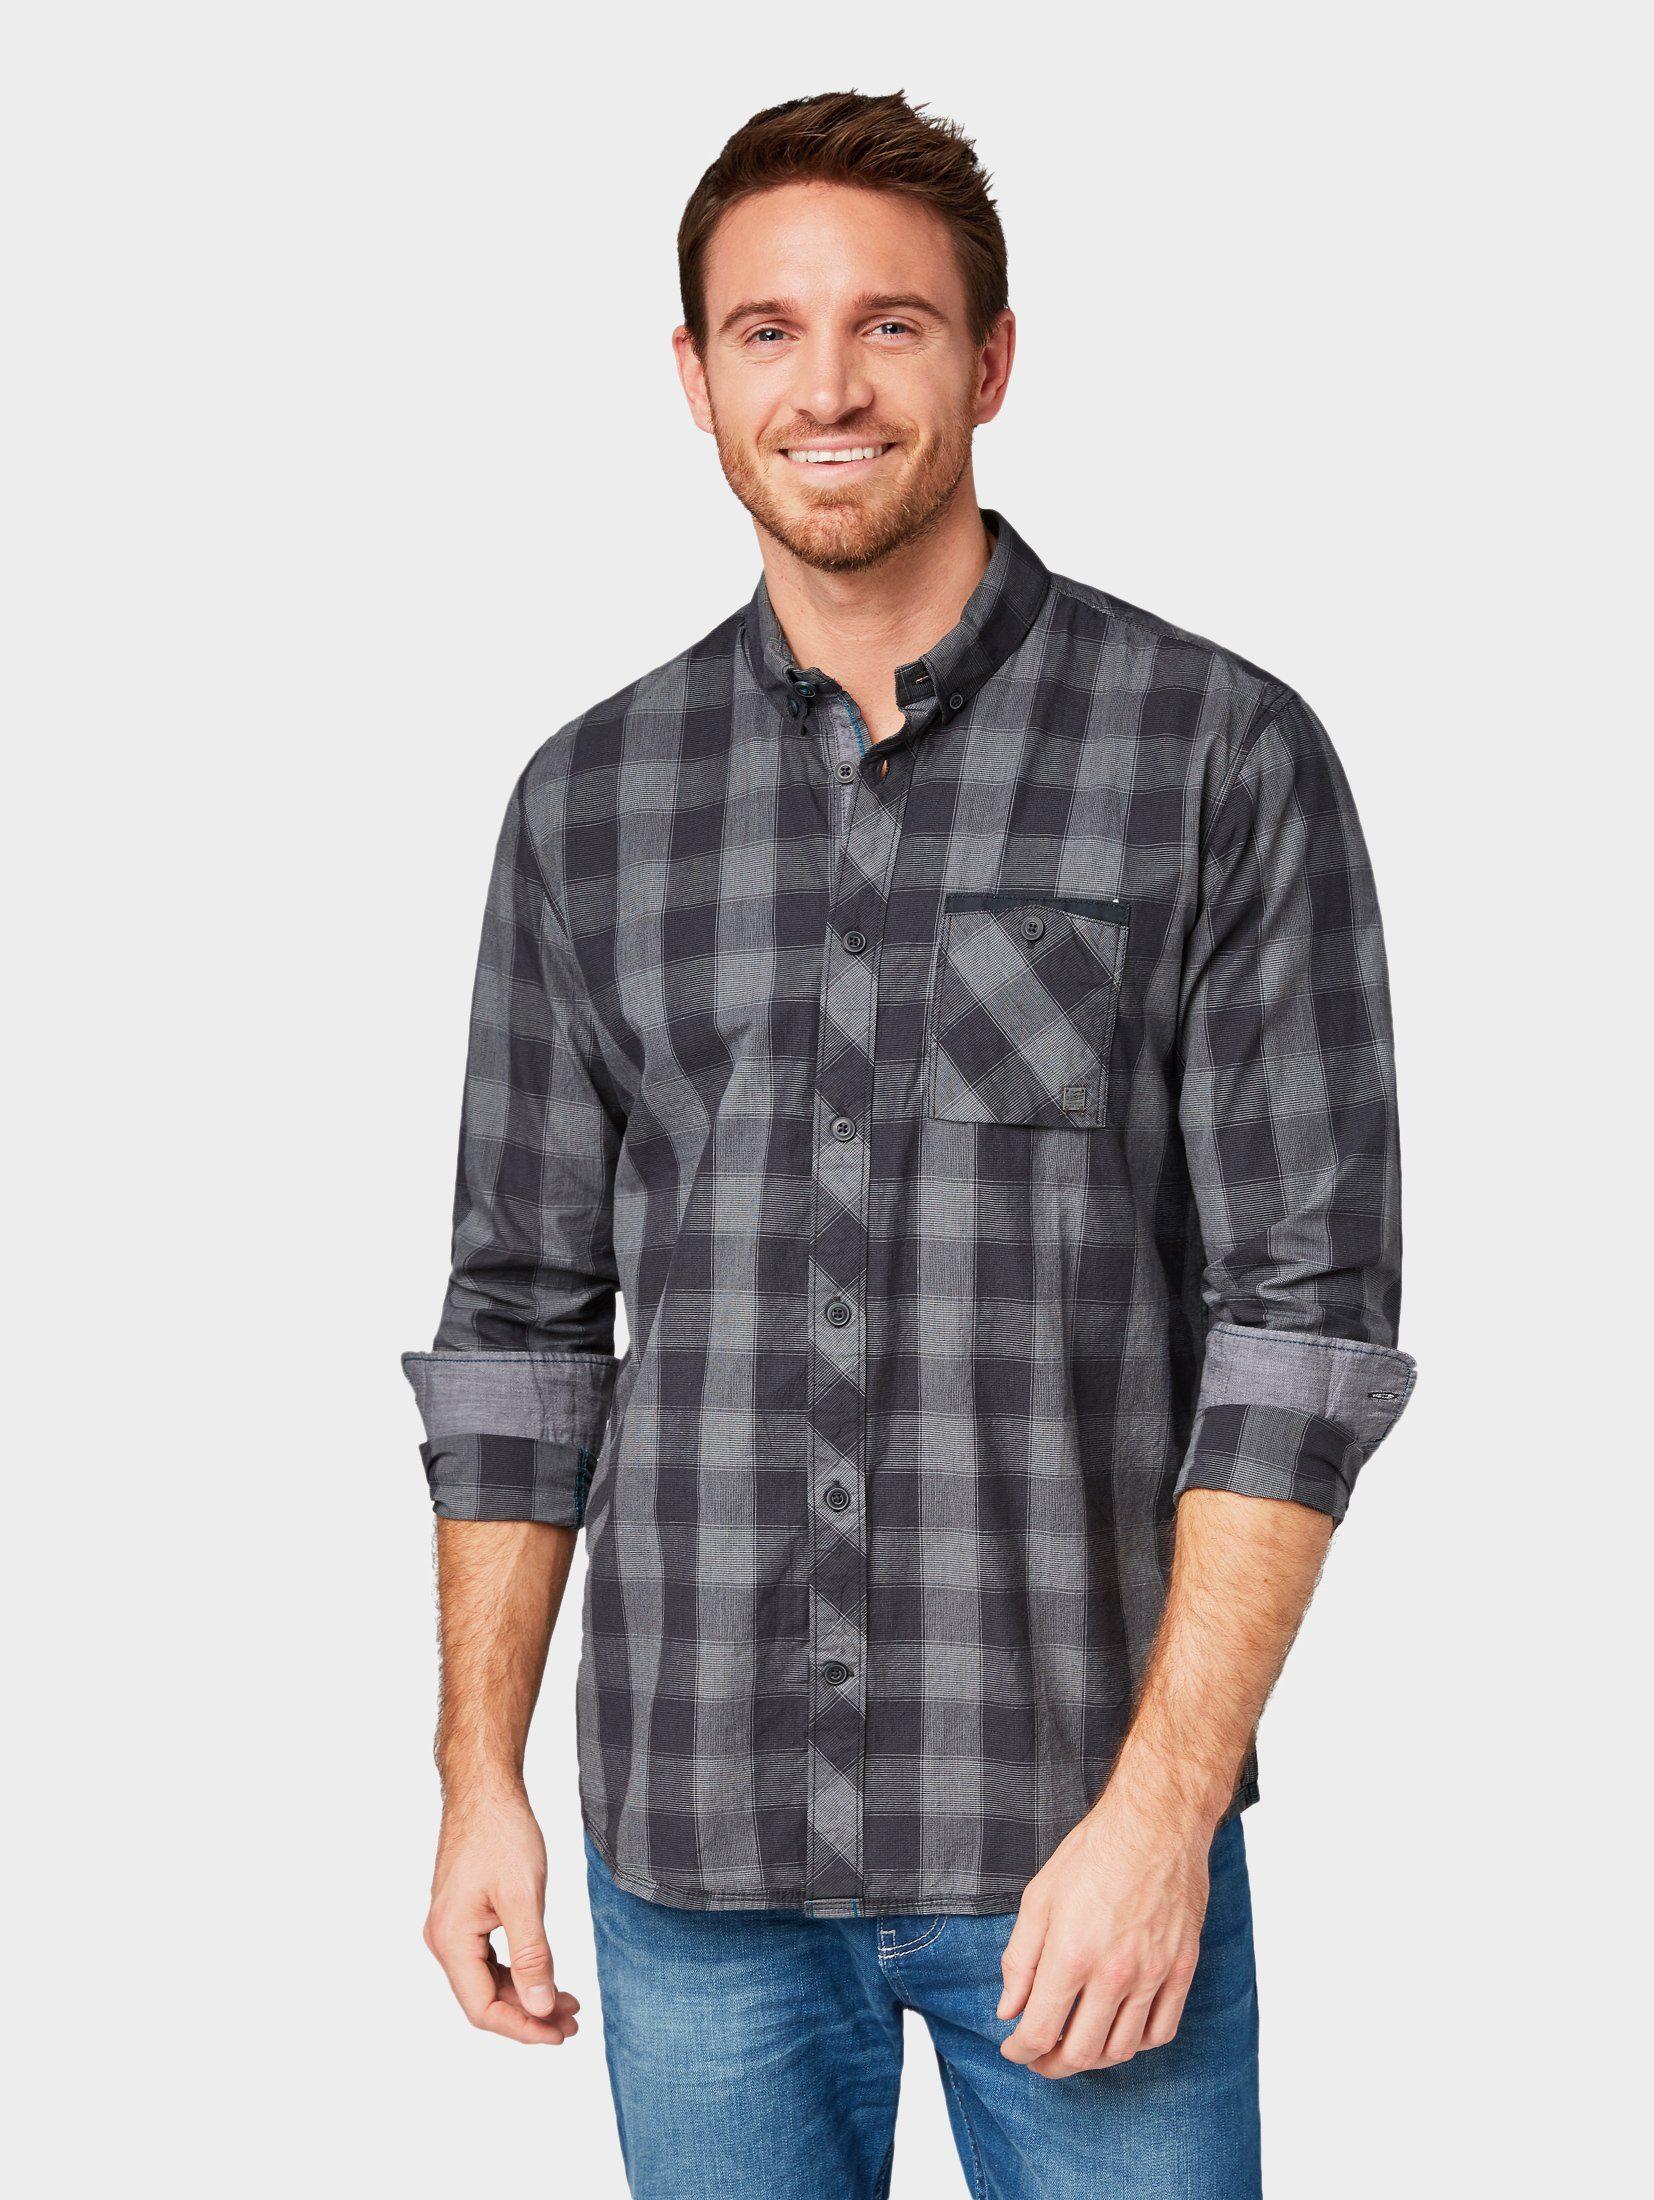 TOM TAILOR Denim Hemd »Hemd mit Muster«, Langärmlig mit Kragen und Knopfleiste zu schließen online kaufen   OTTO